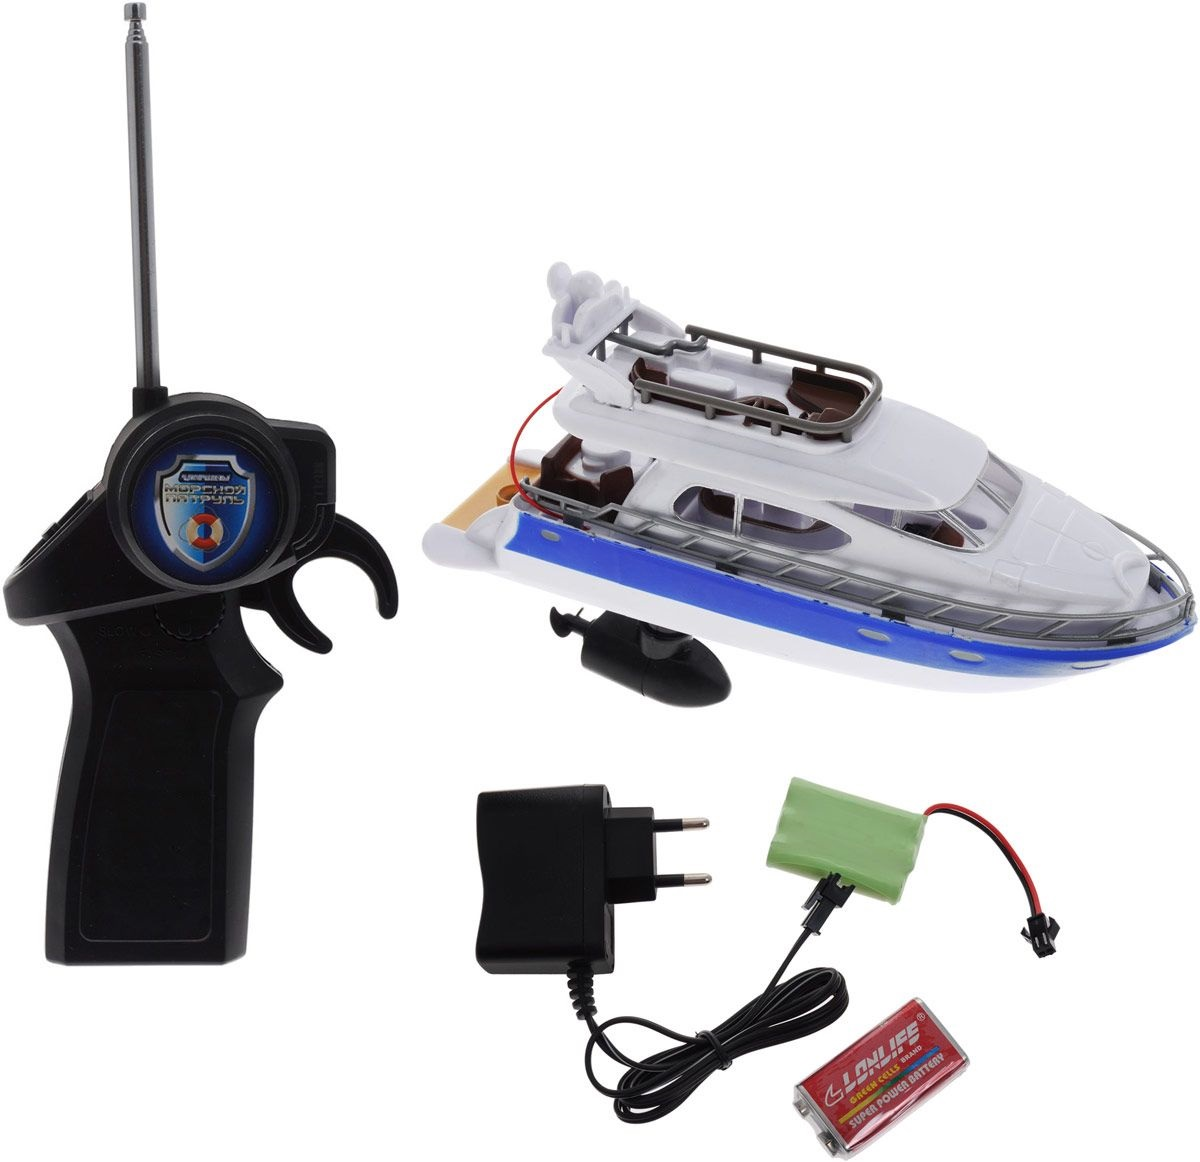 Катер радиоуправляемый Морской патрульКатера, лодки и корабли на радиоуправлении<br>Катер радиоуправляемый Морской патруль<br>